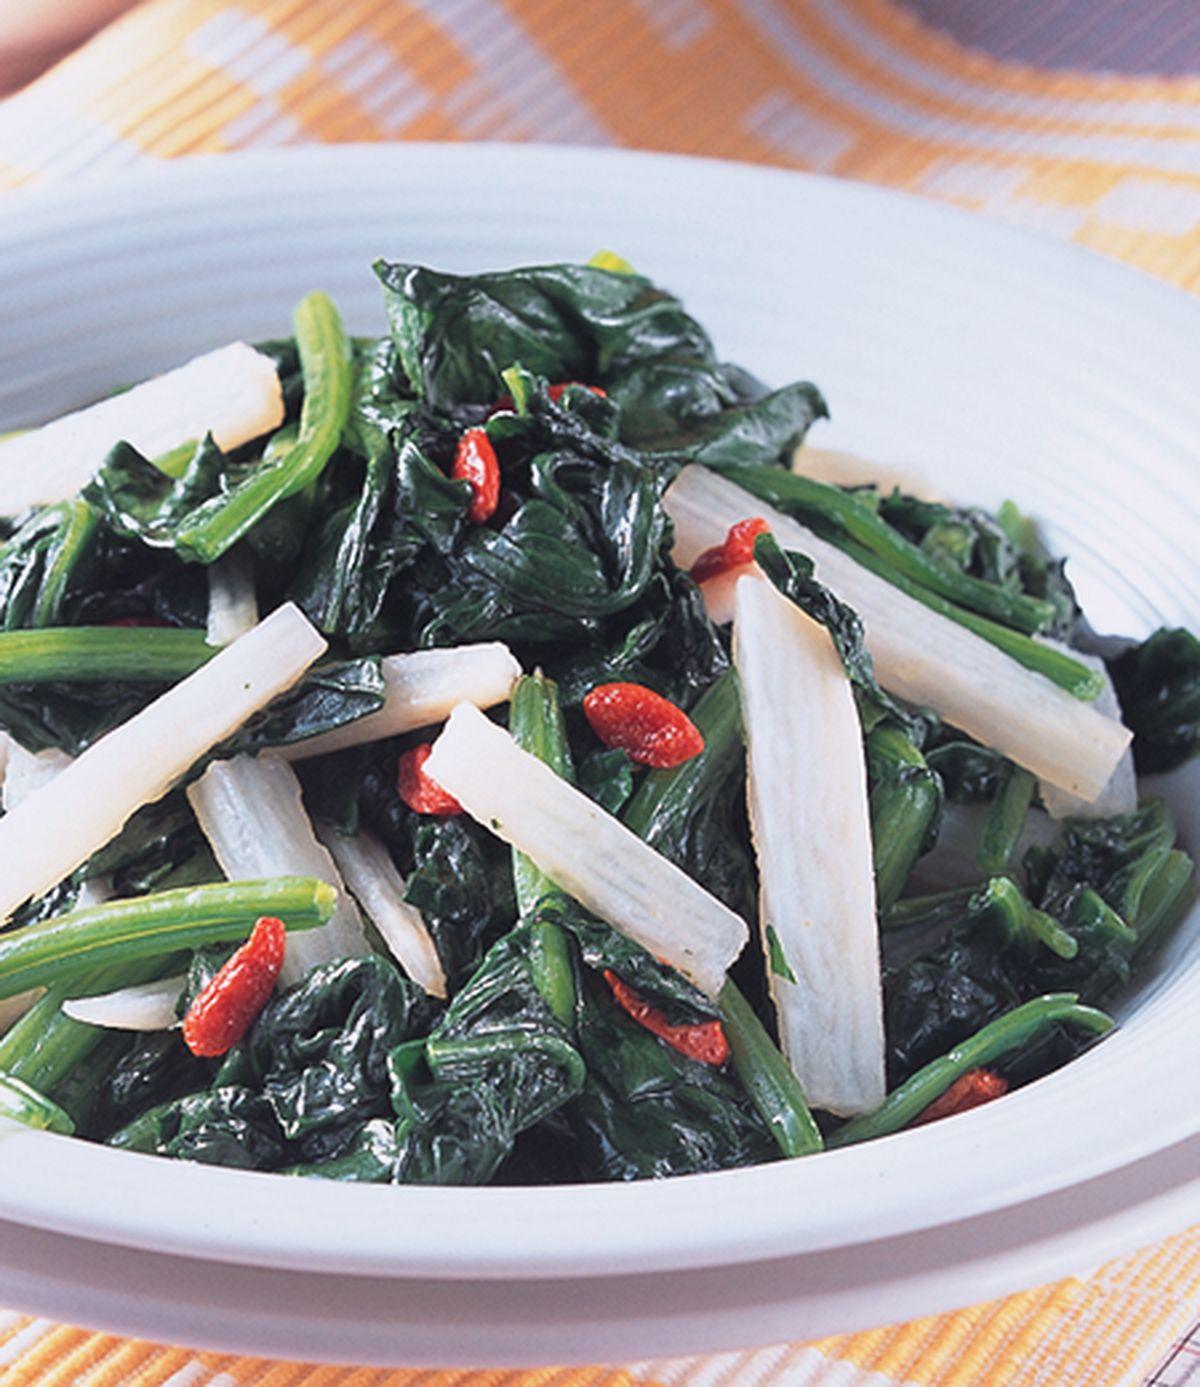 食譜:淮山枸杞炒菠菜